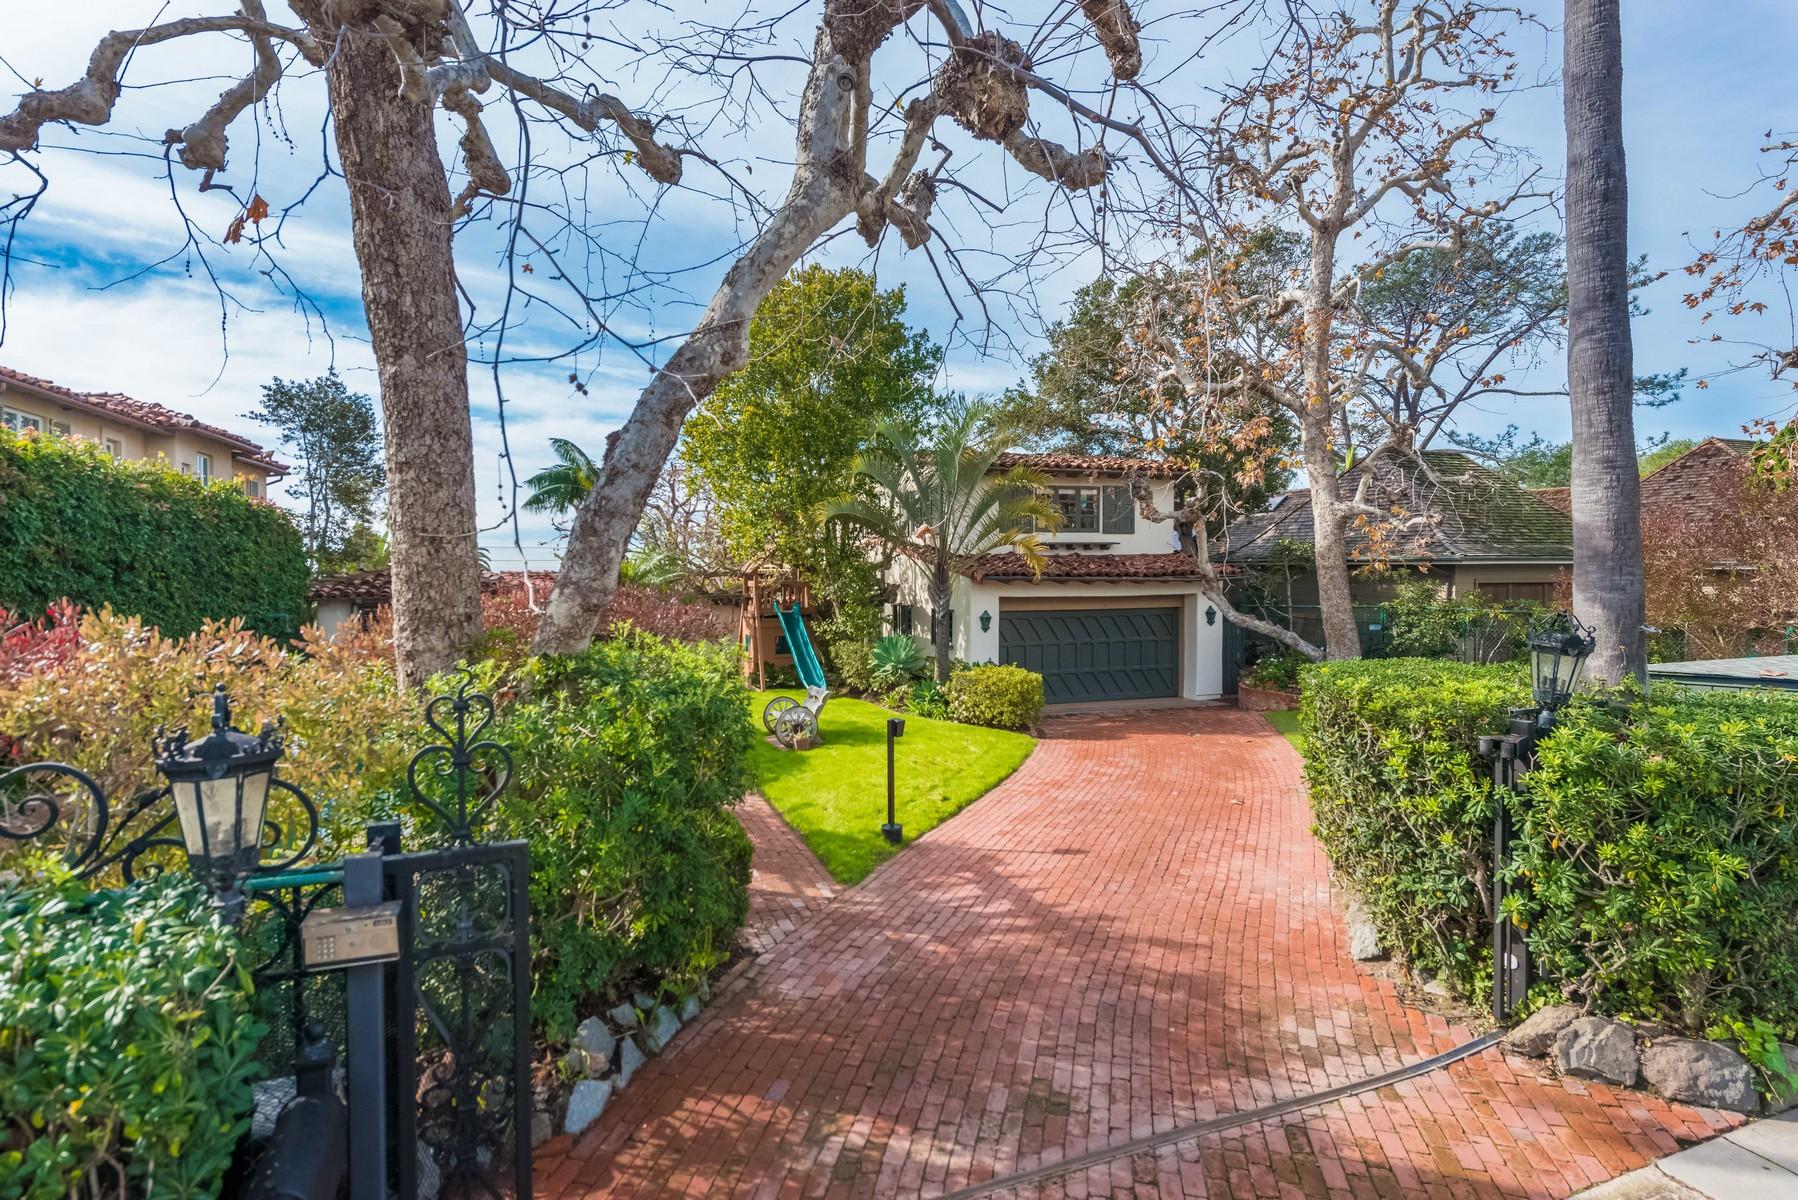 Single Family Home for Sale at 6116 Avenida Cresta La Jolla, California, 92037 United States